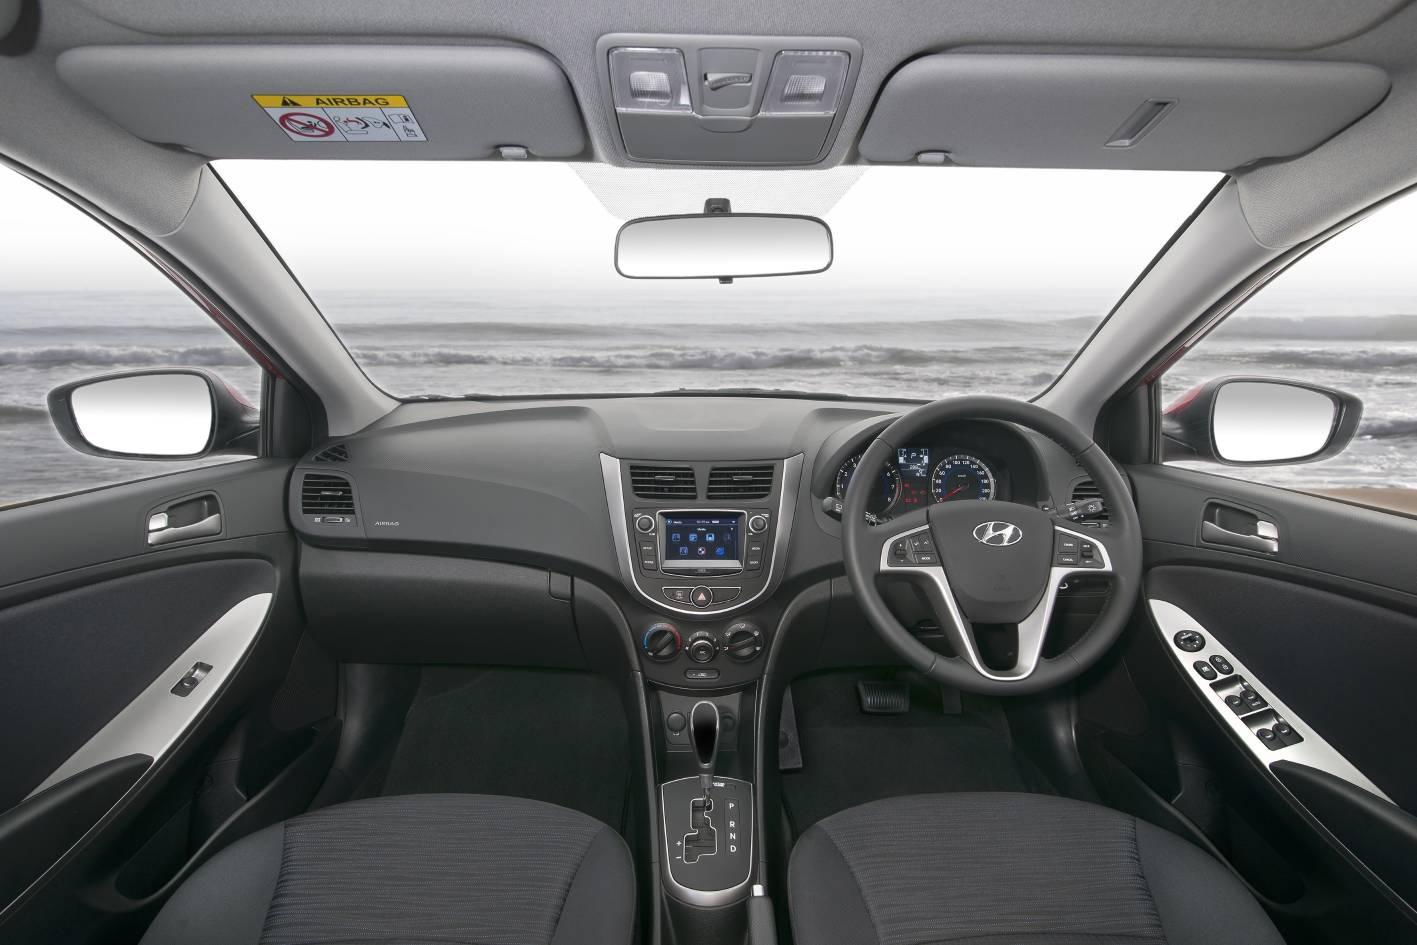 2018 Hyundai Accent Sport Interior